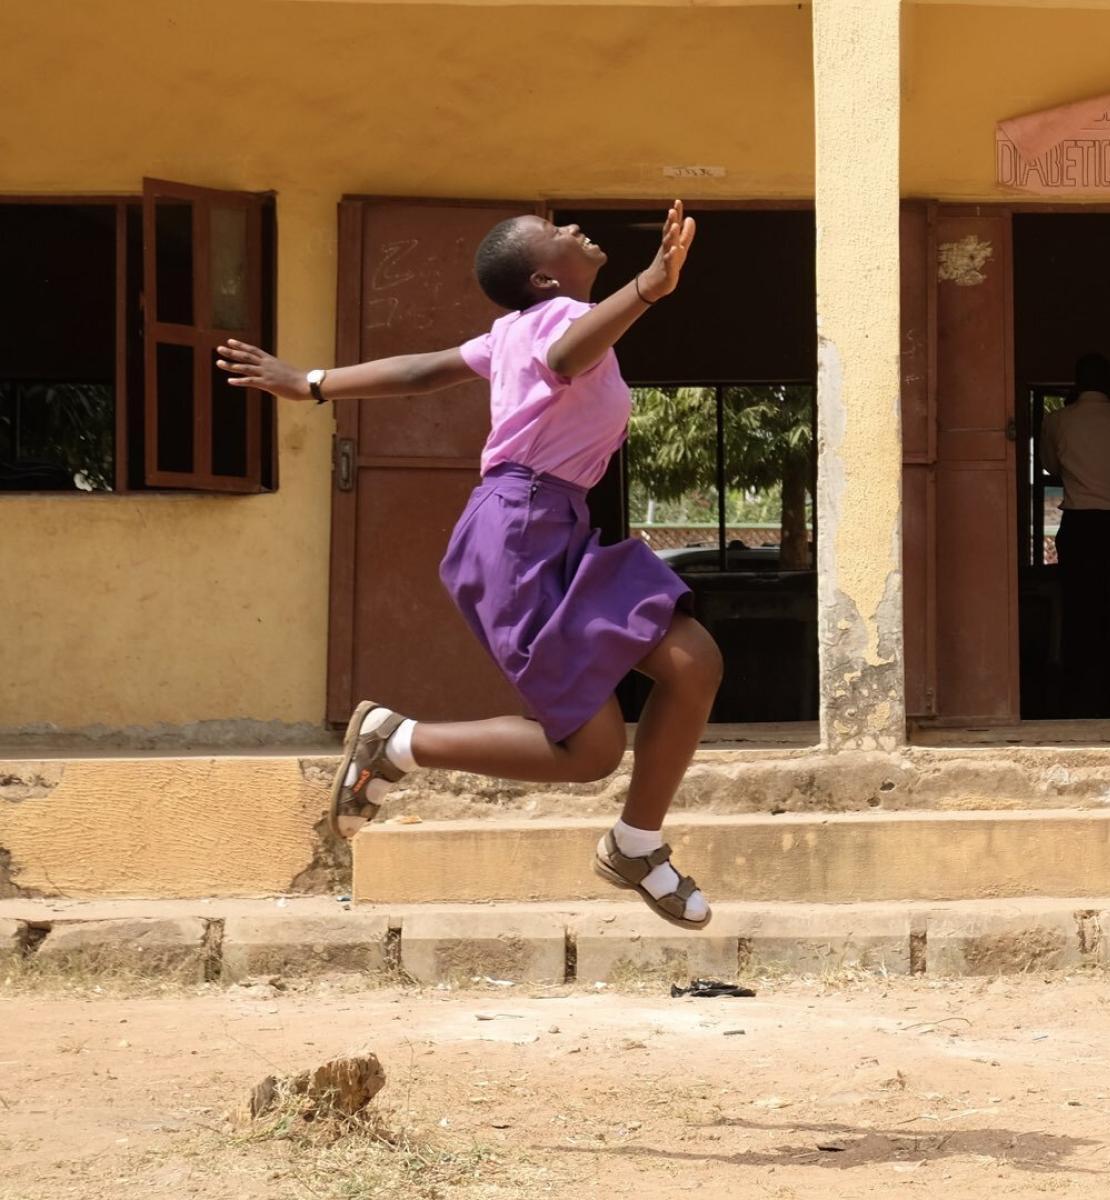 一个身穿粉色衬衫和紫色连衣裙的年轻女孩在一栋教学楼附近蹦蹦跳跳。